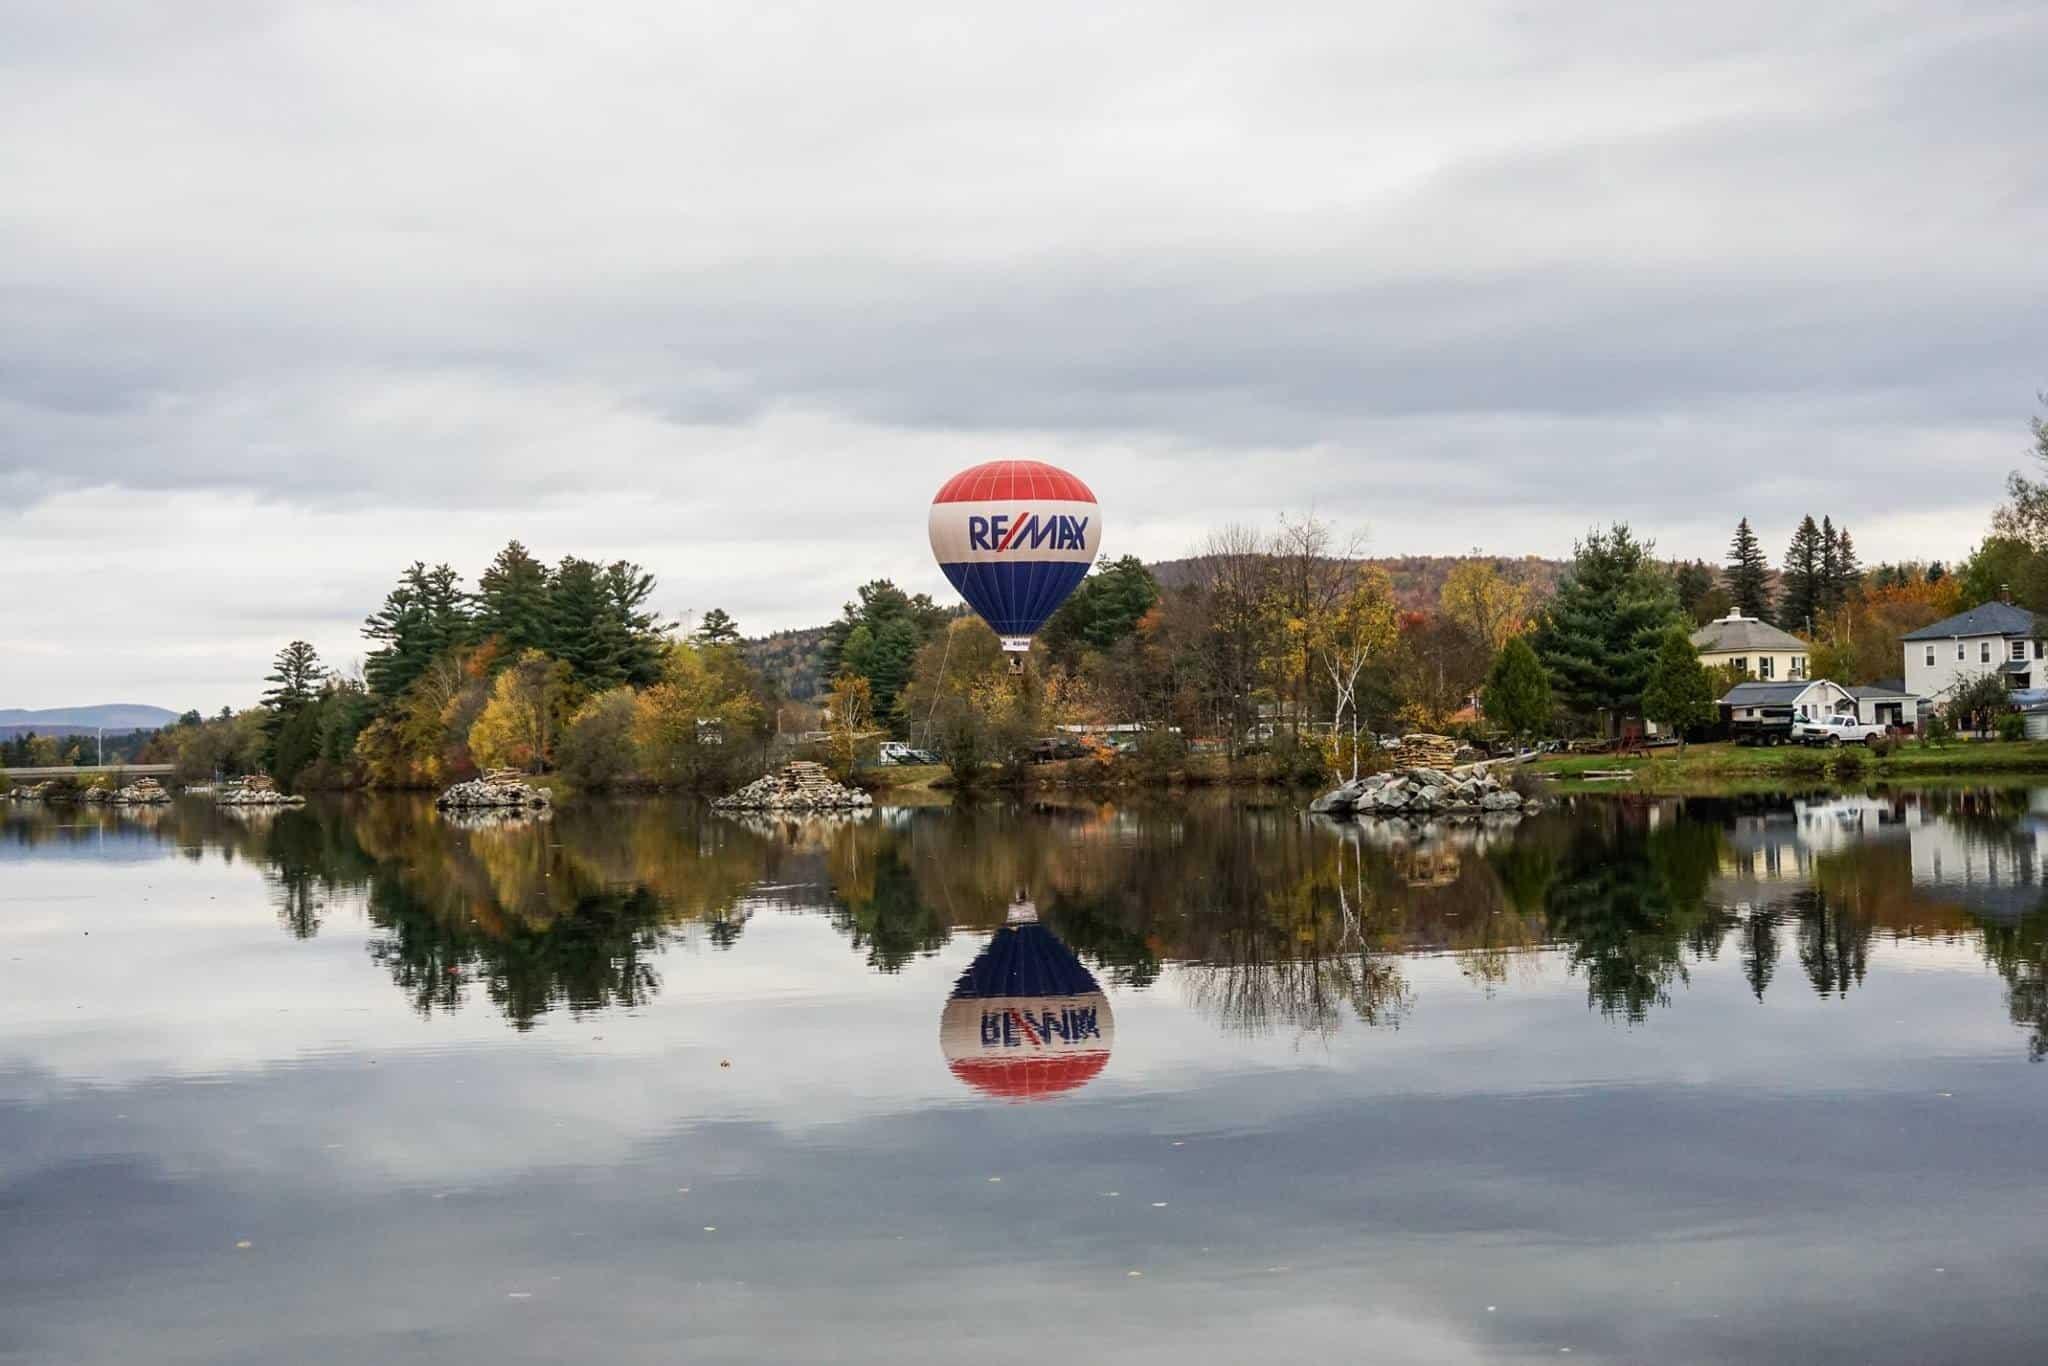 2017 RiverFire Remax Hot Air Balloon